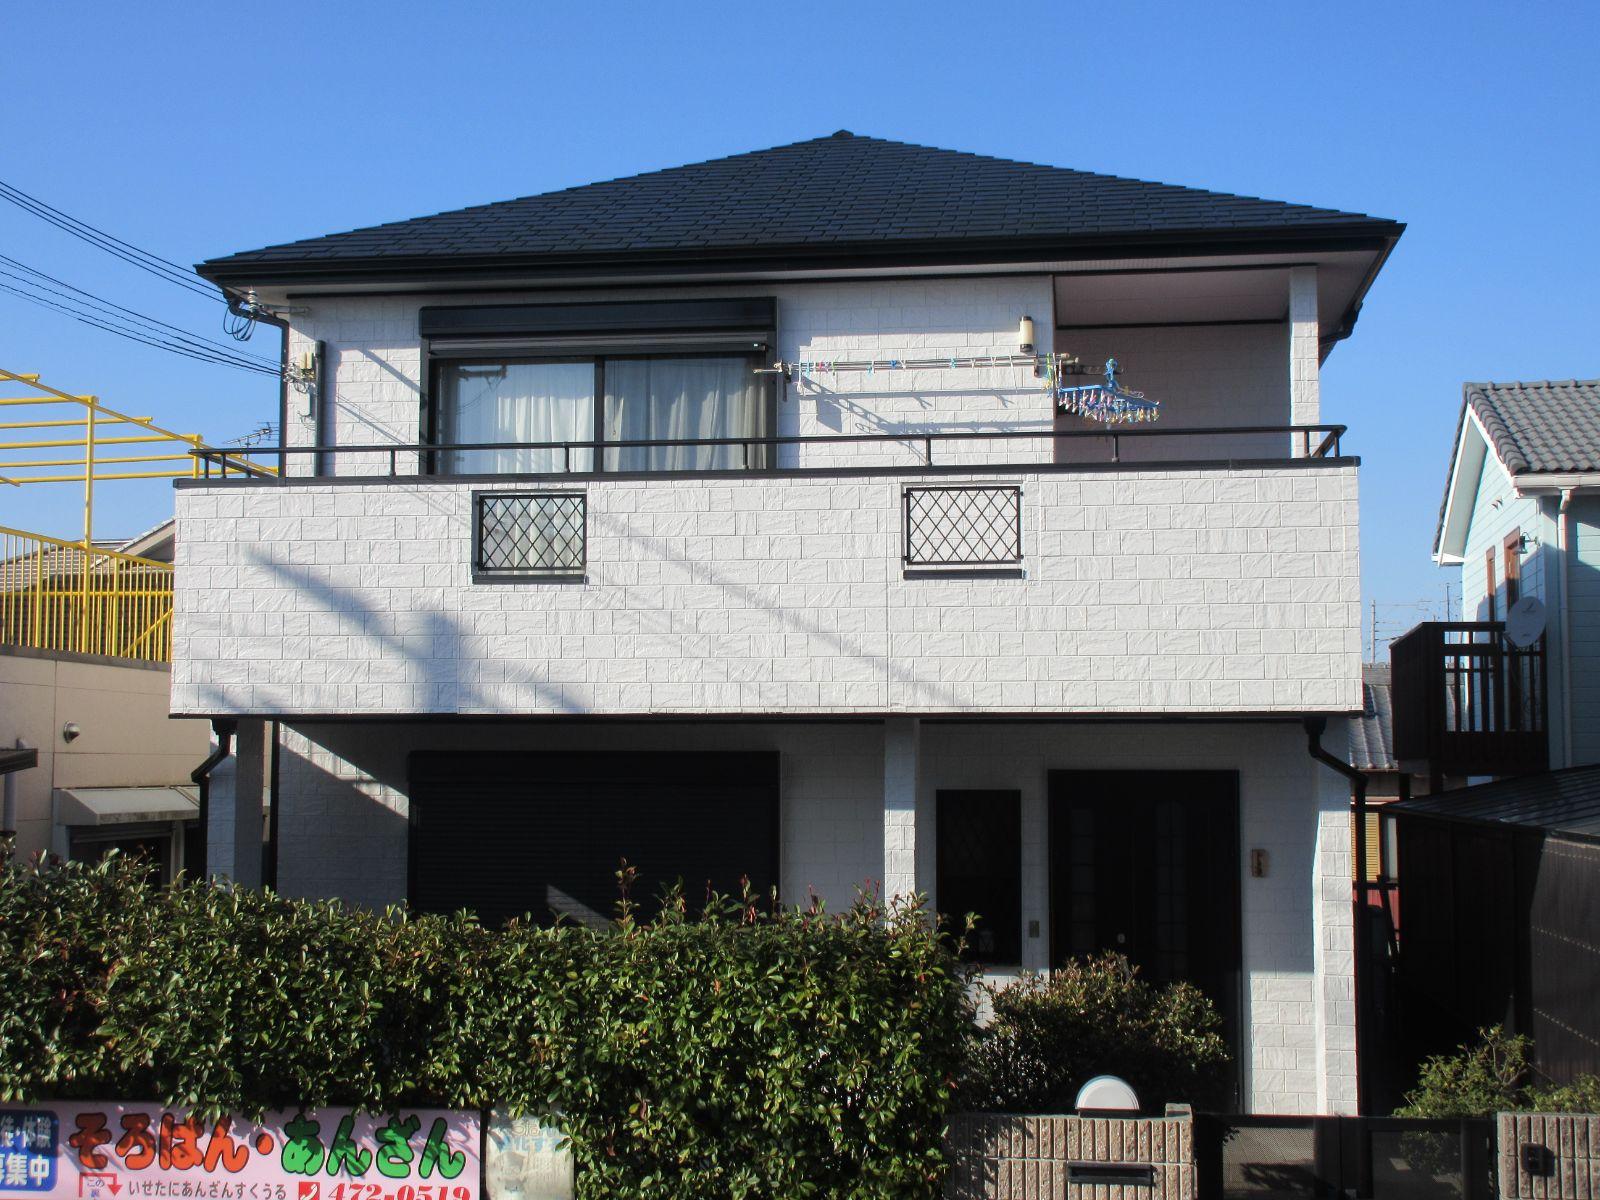 和歌山市 津秦 K様邸  外壁・屋根塗装工事                                        『印象がガラリと変わり心機一転♪』